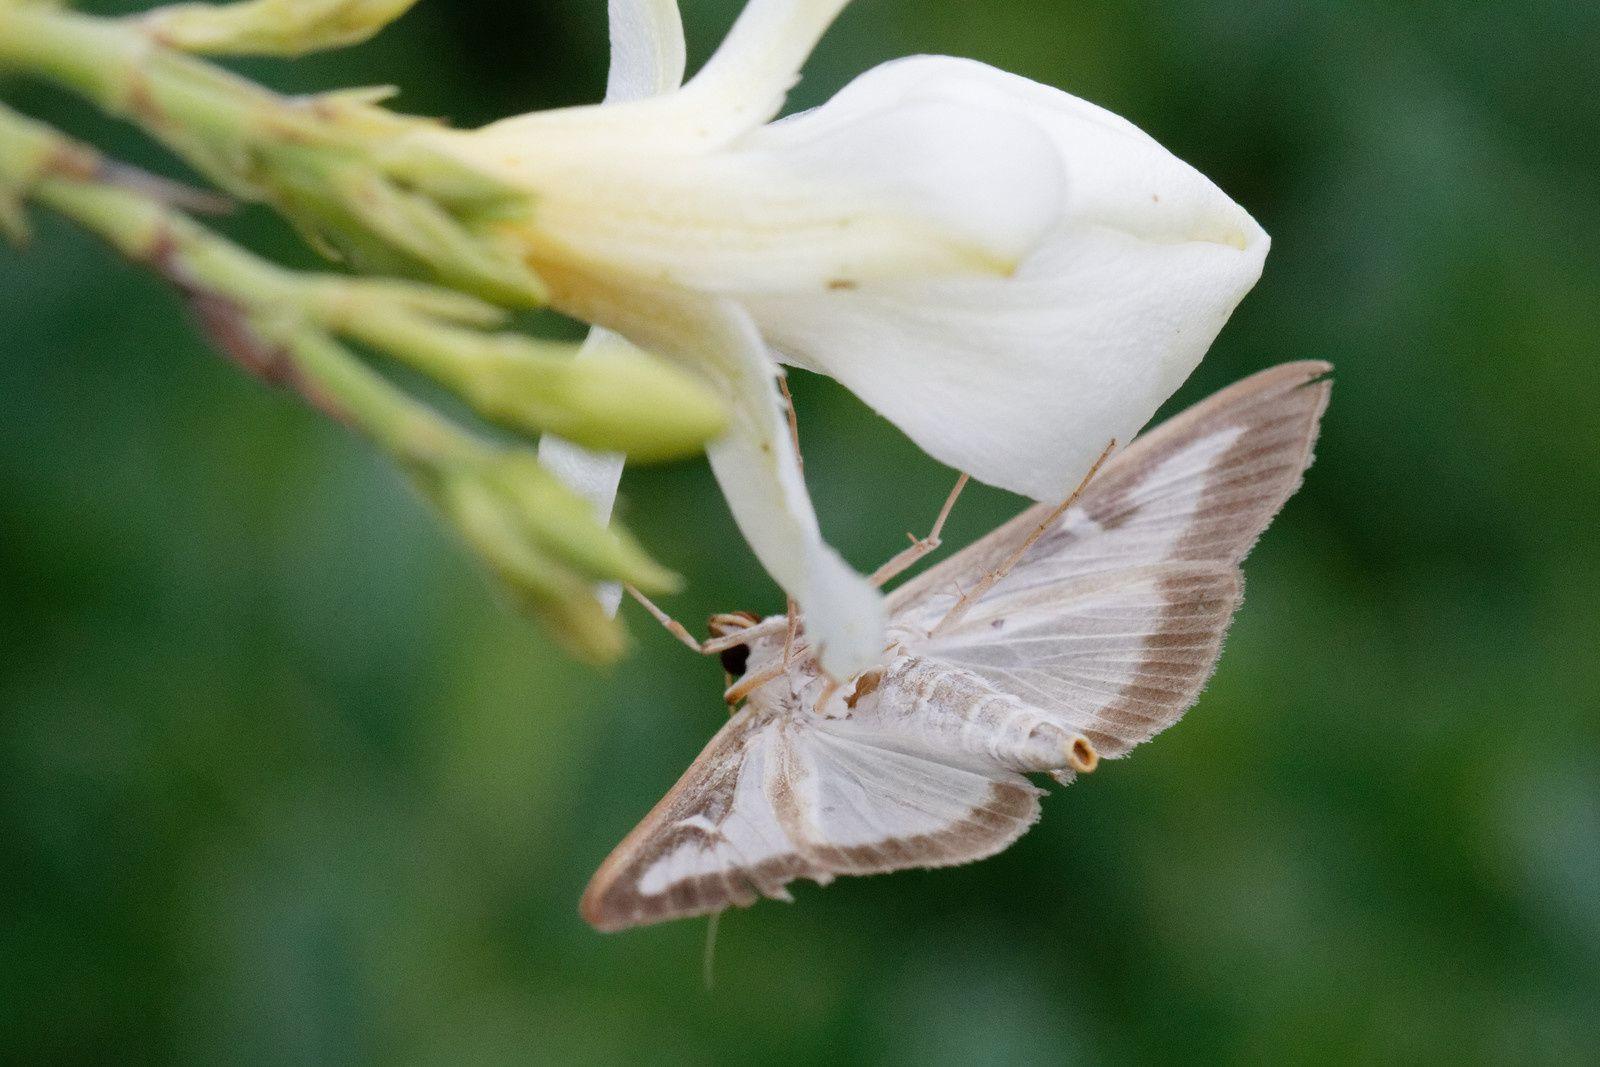 408 - Un château, des allées de Fleurs, une activité animale silencieuse : 26/08/2018